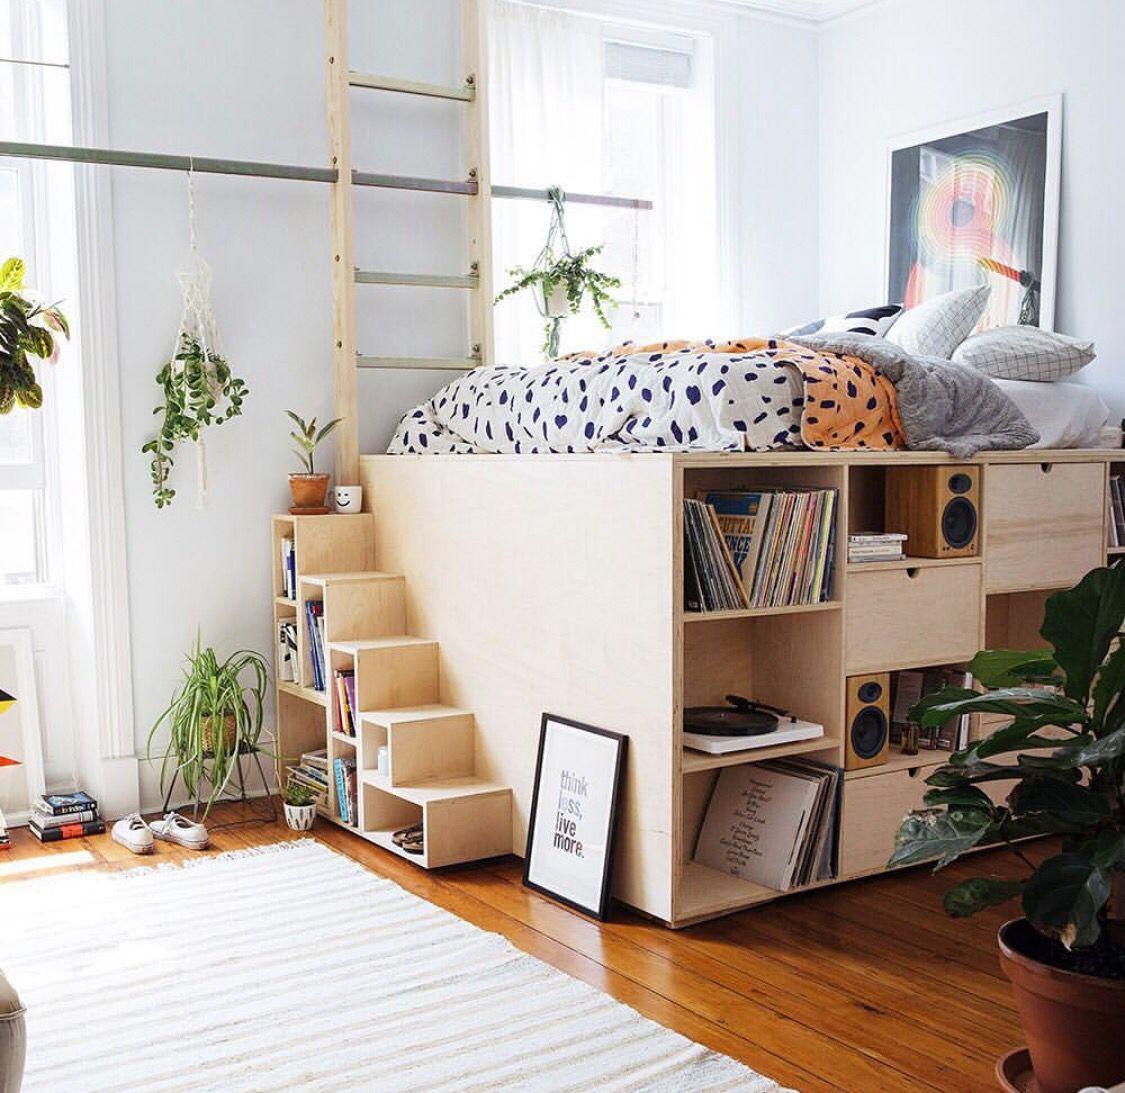 lit estrade bois escalier rangement tapis blanc à frange blog déco clematc